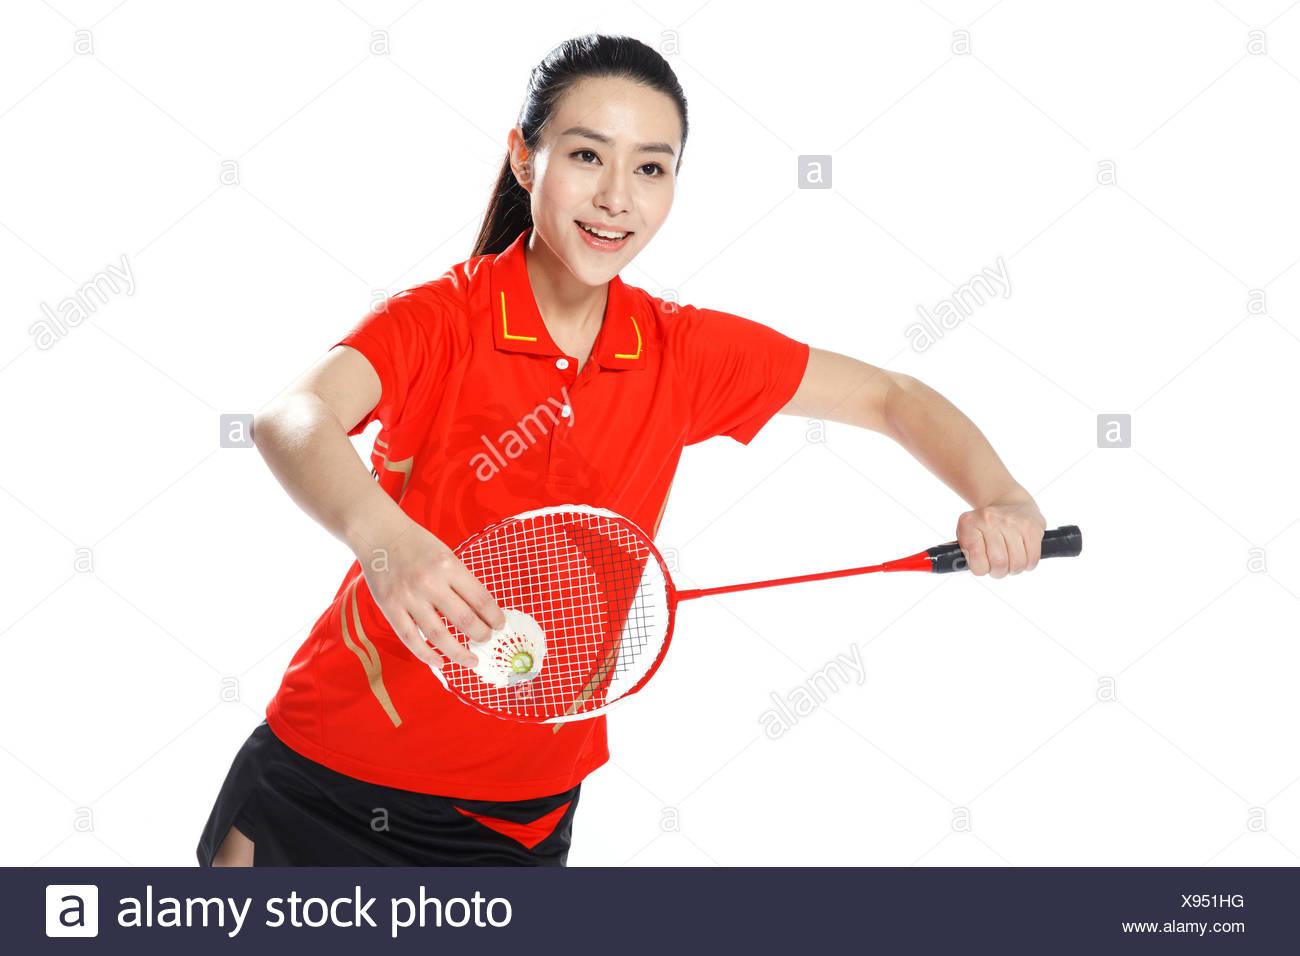 Los atletas jugar bádminton Imagen De Stock